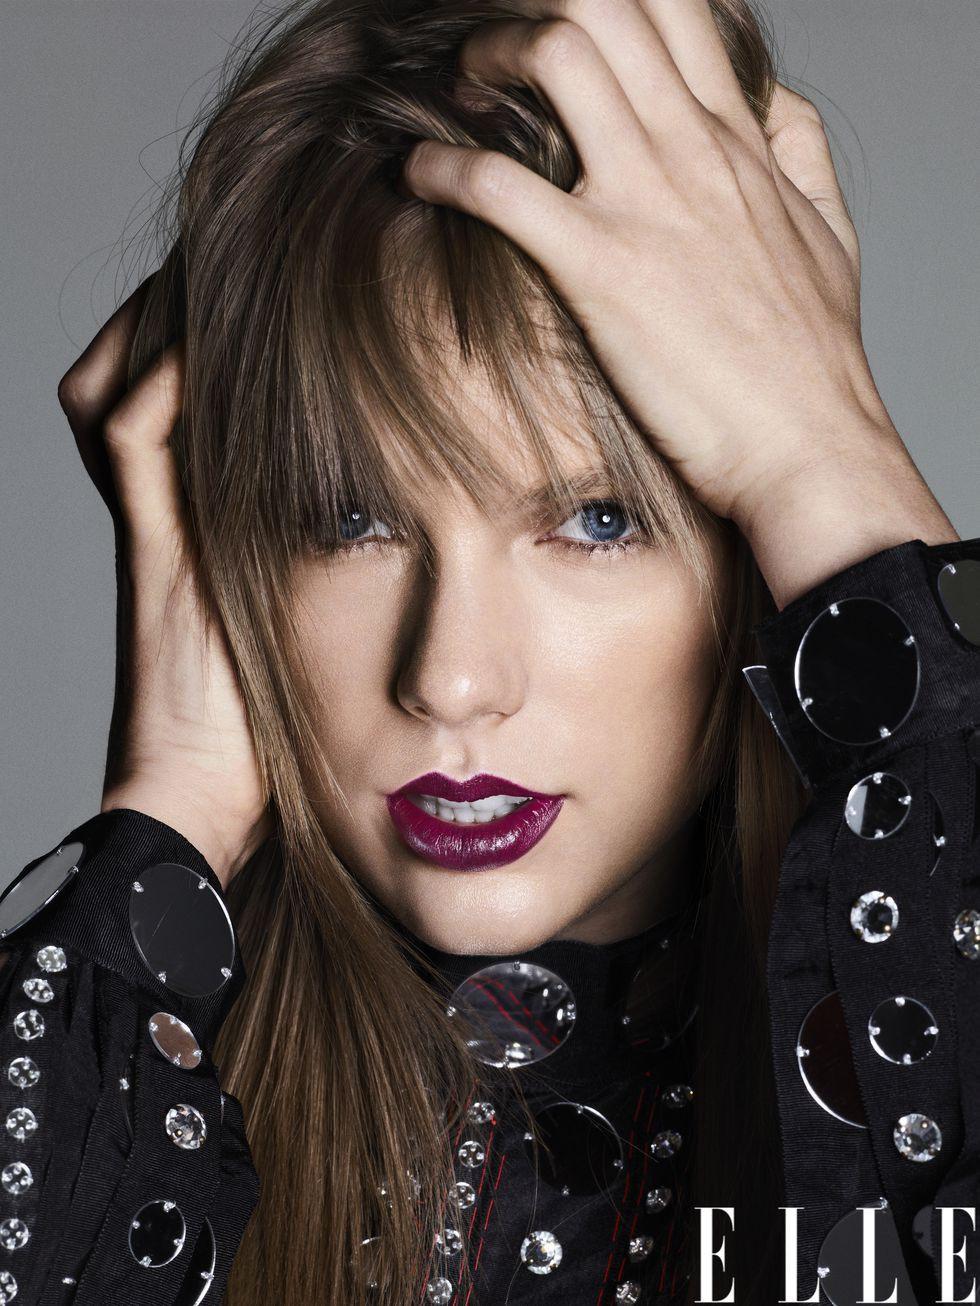 """Người hâm mộ """"đứng ngồi không yên"""", Taylor Swift thỏa mãn vì lý do đặc biệt này - Ảnh 2."""